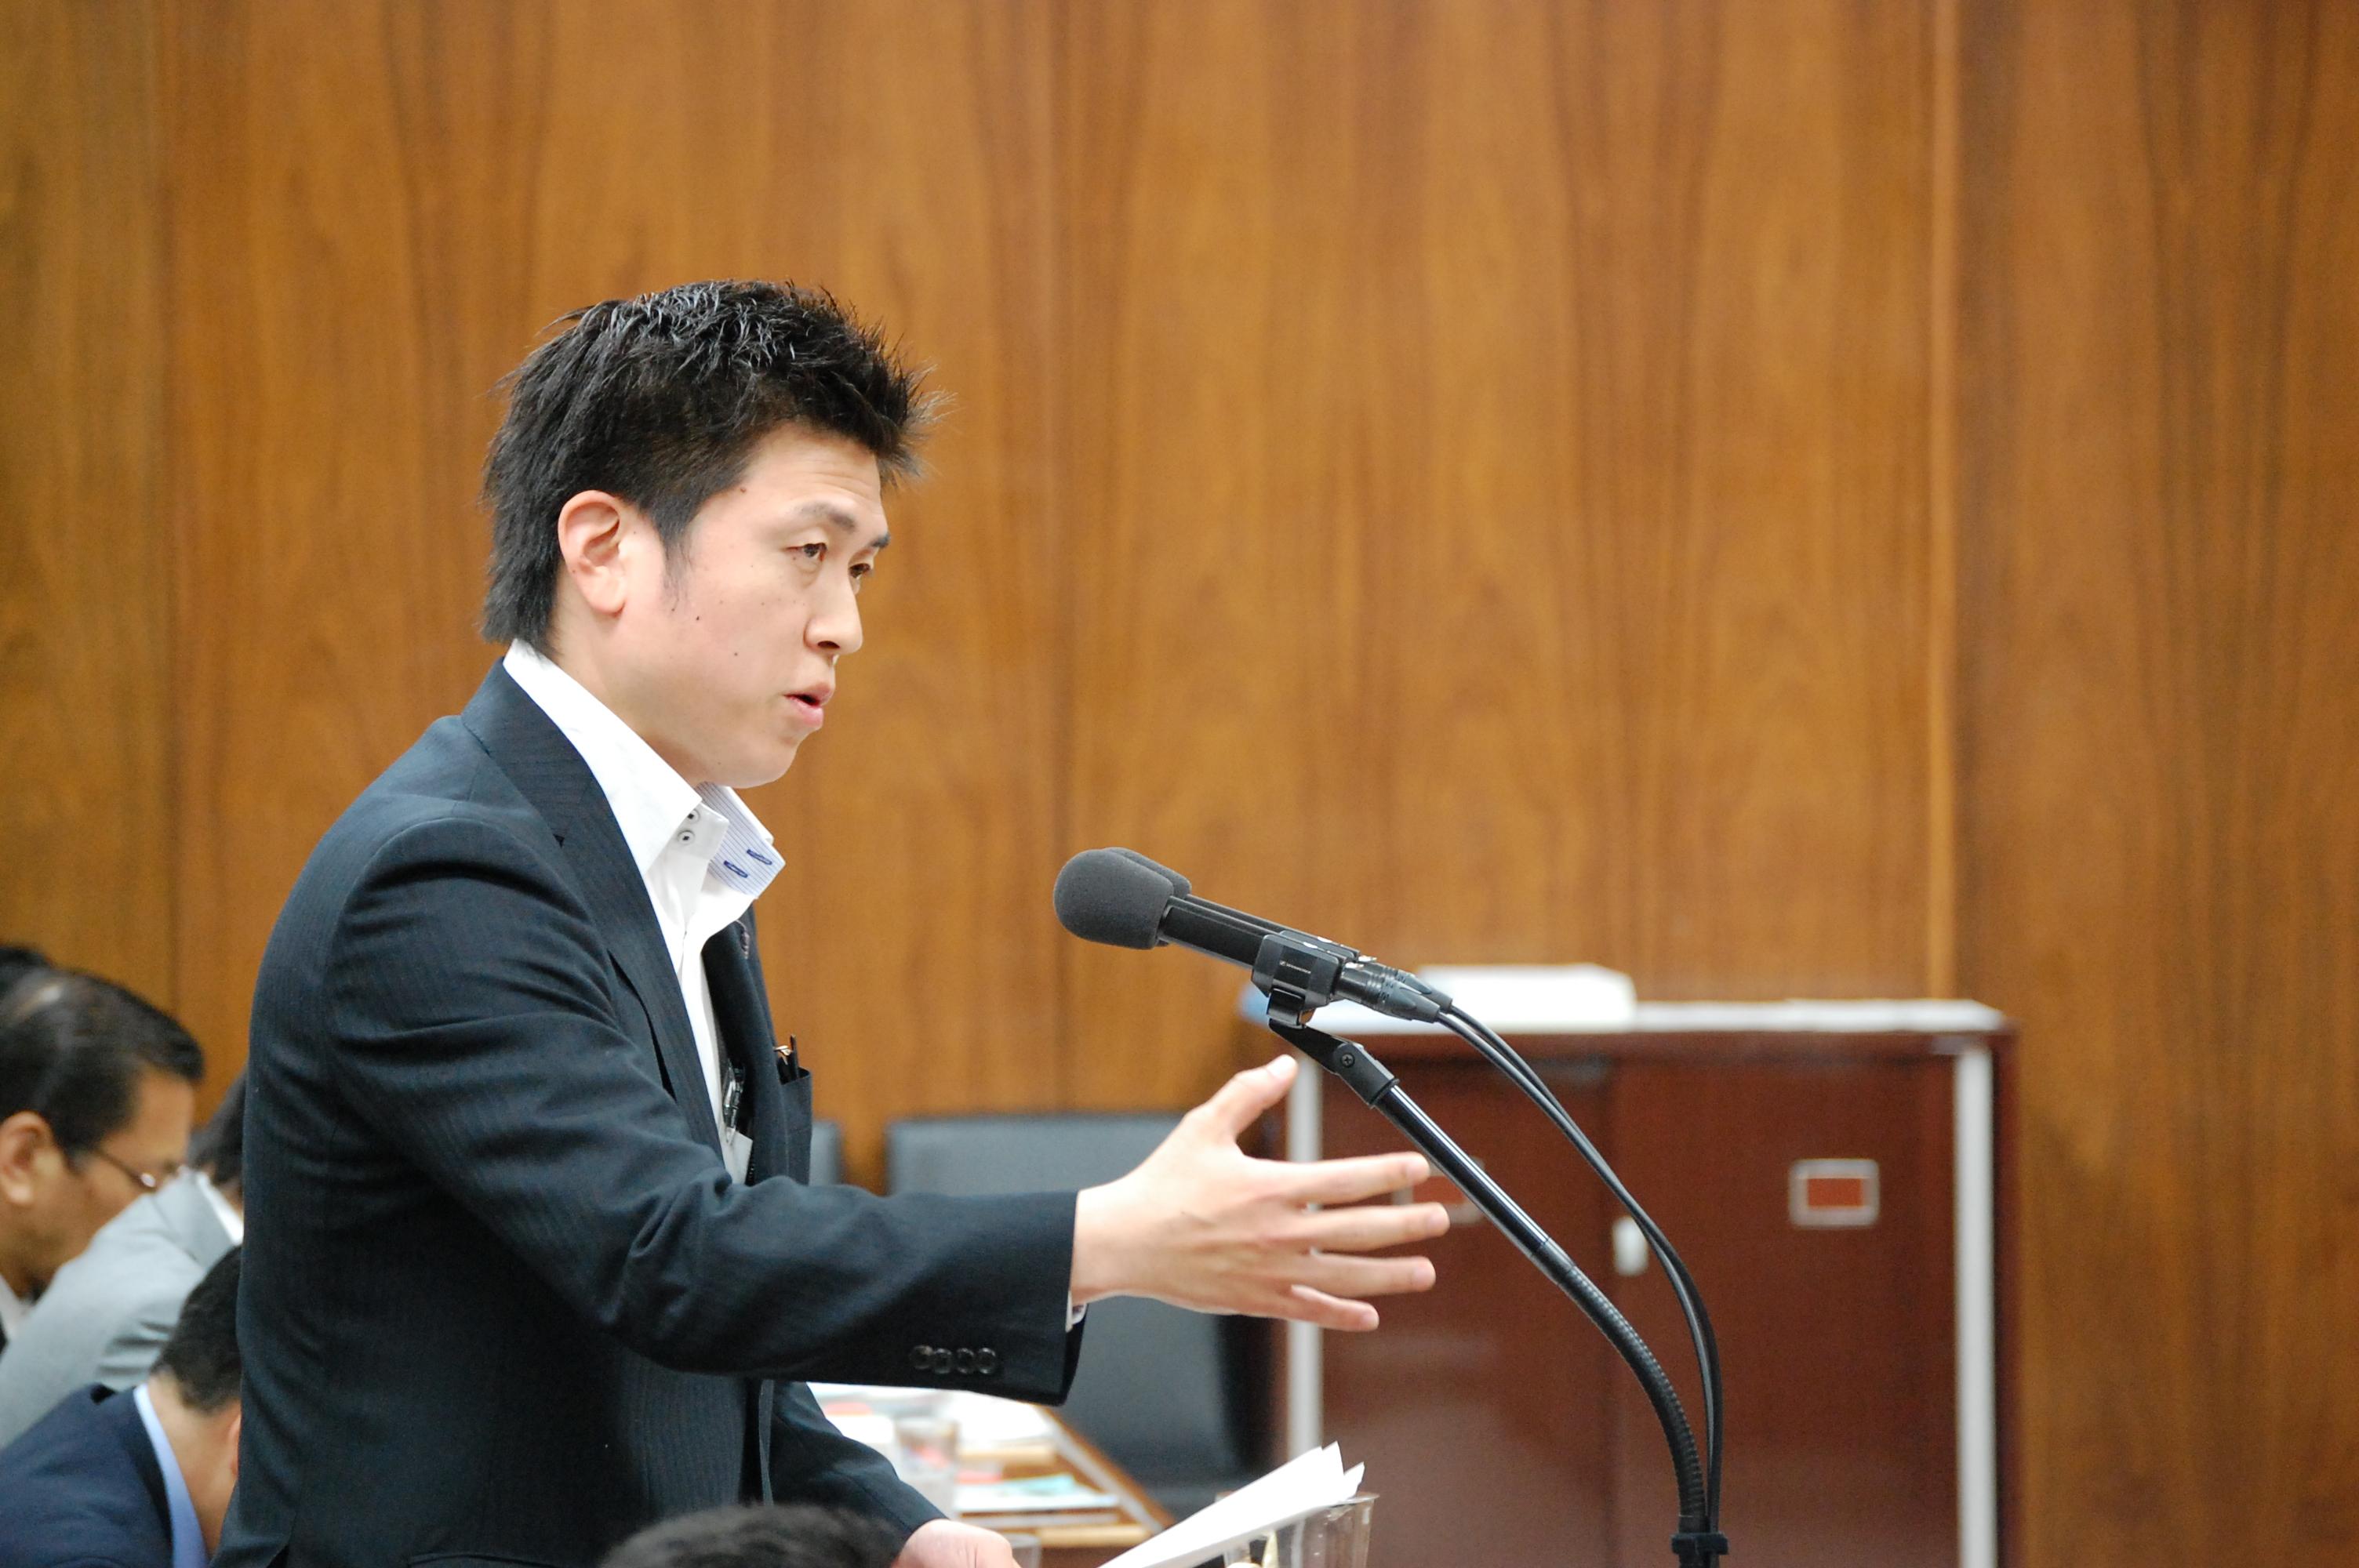 中小企業等経営強化法の審議で国会質問